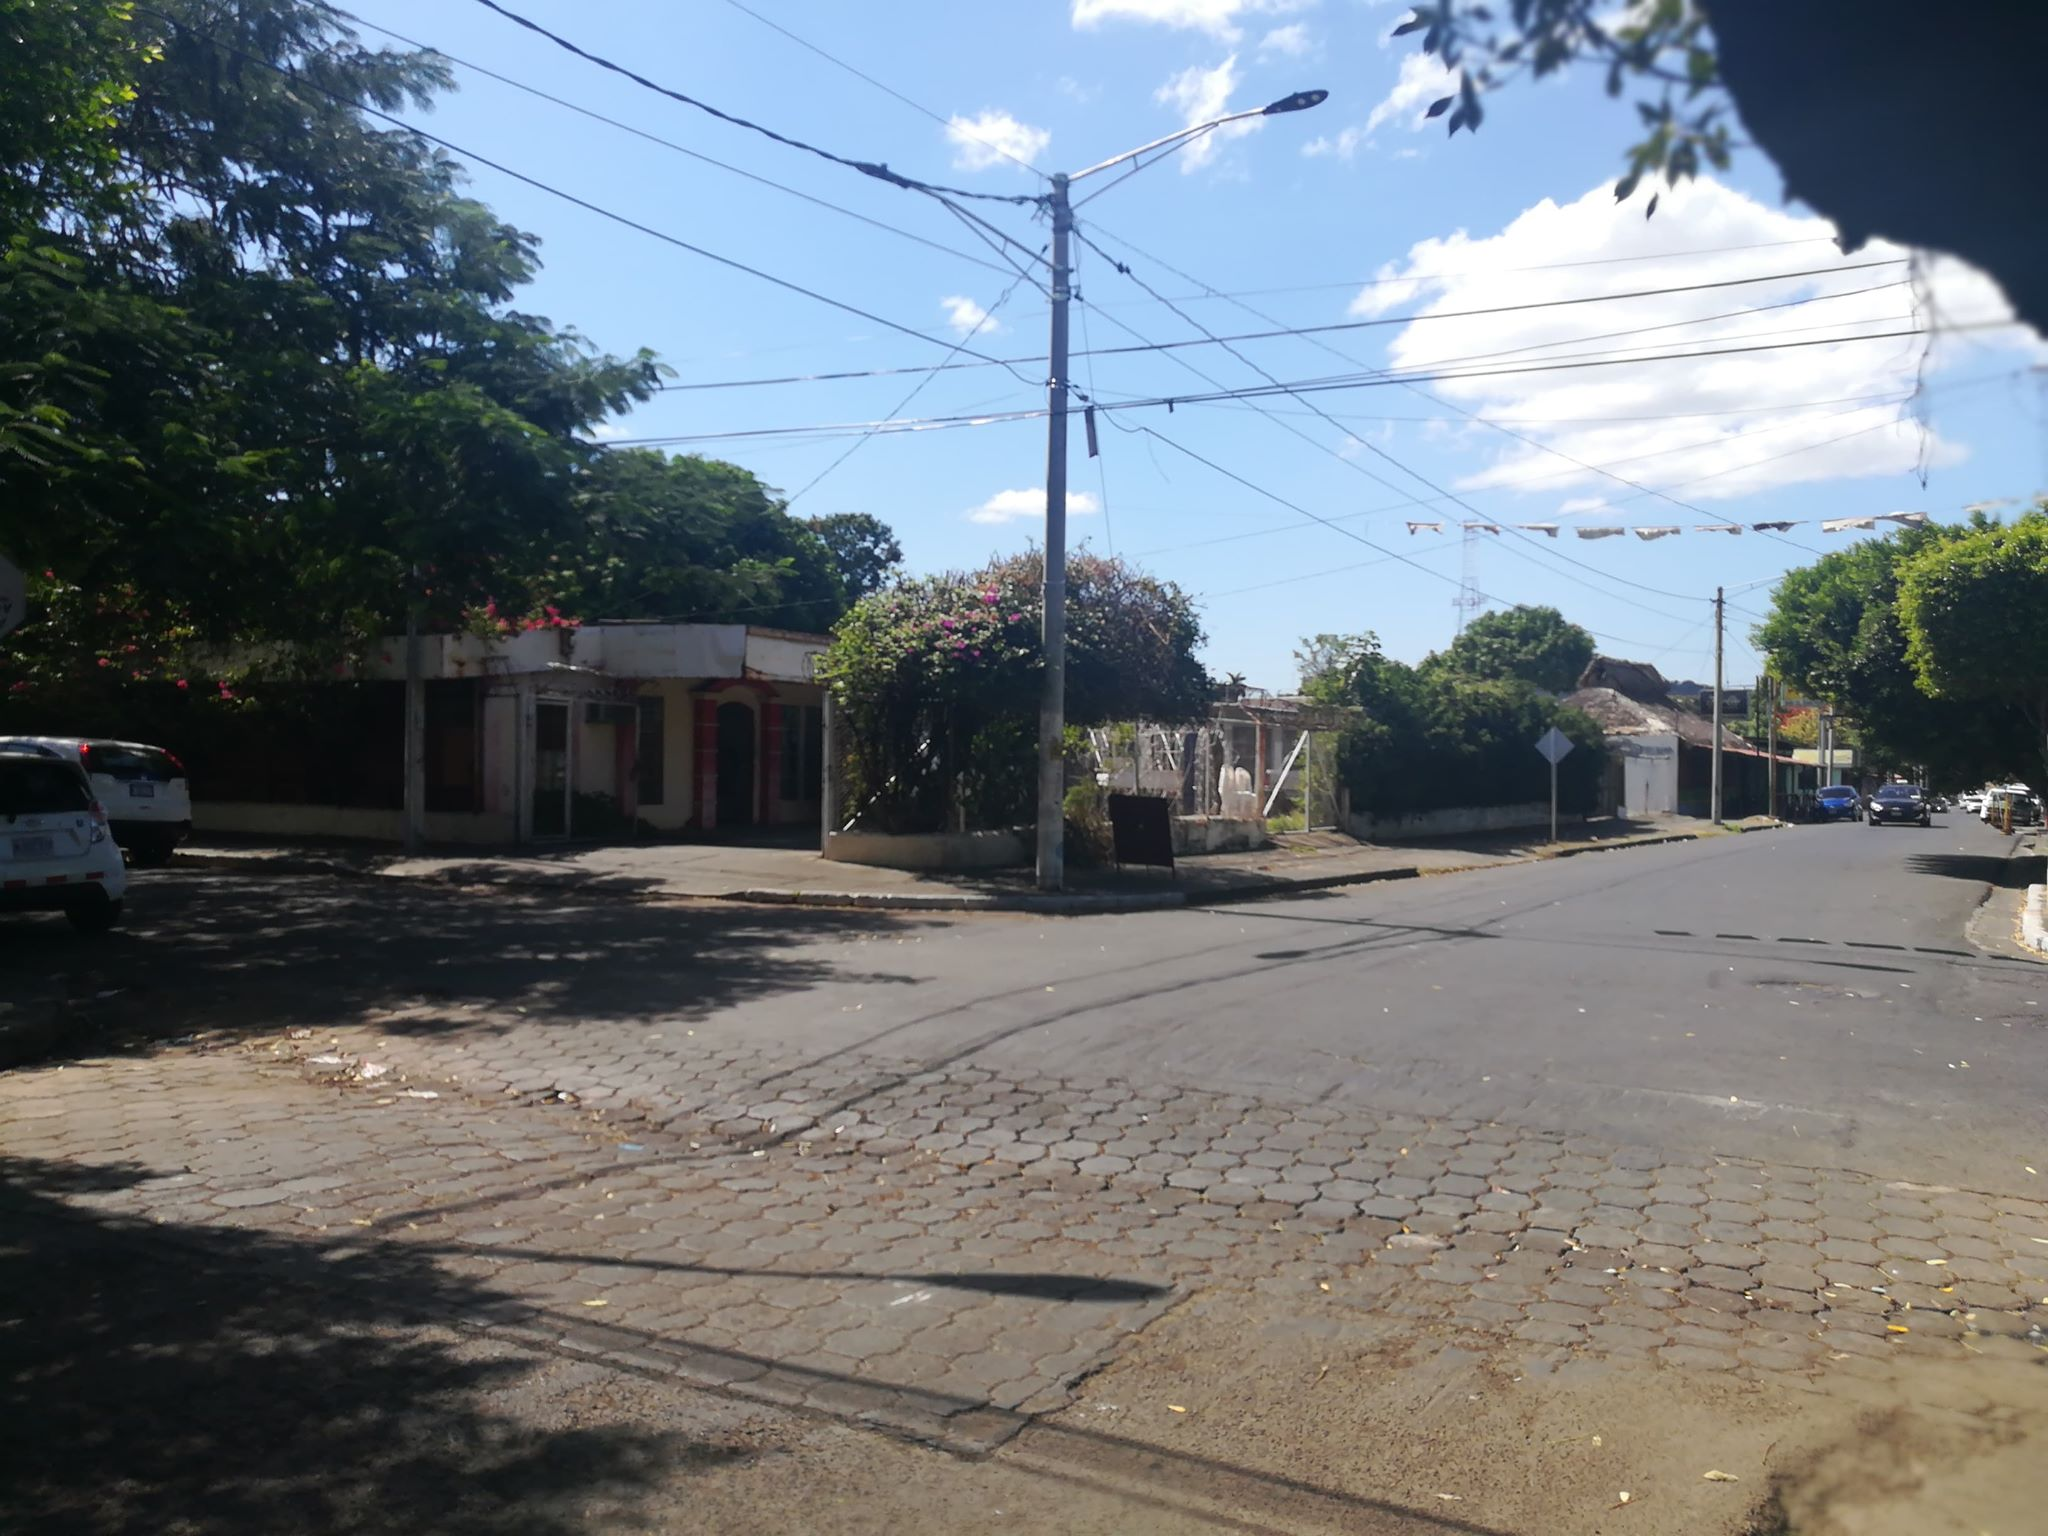 monseñor-lezcano-kmc-bienes-raices-13736543 (10)